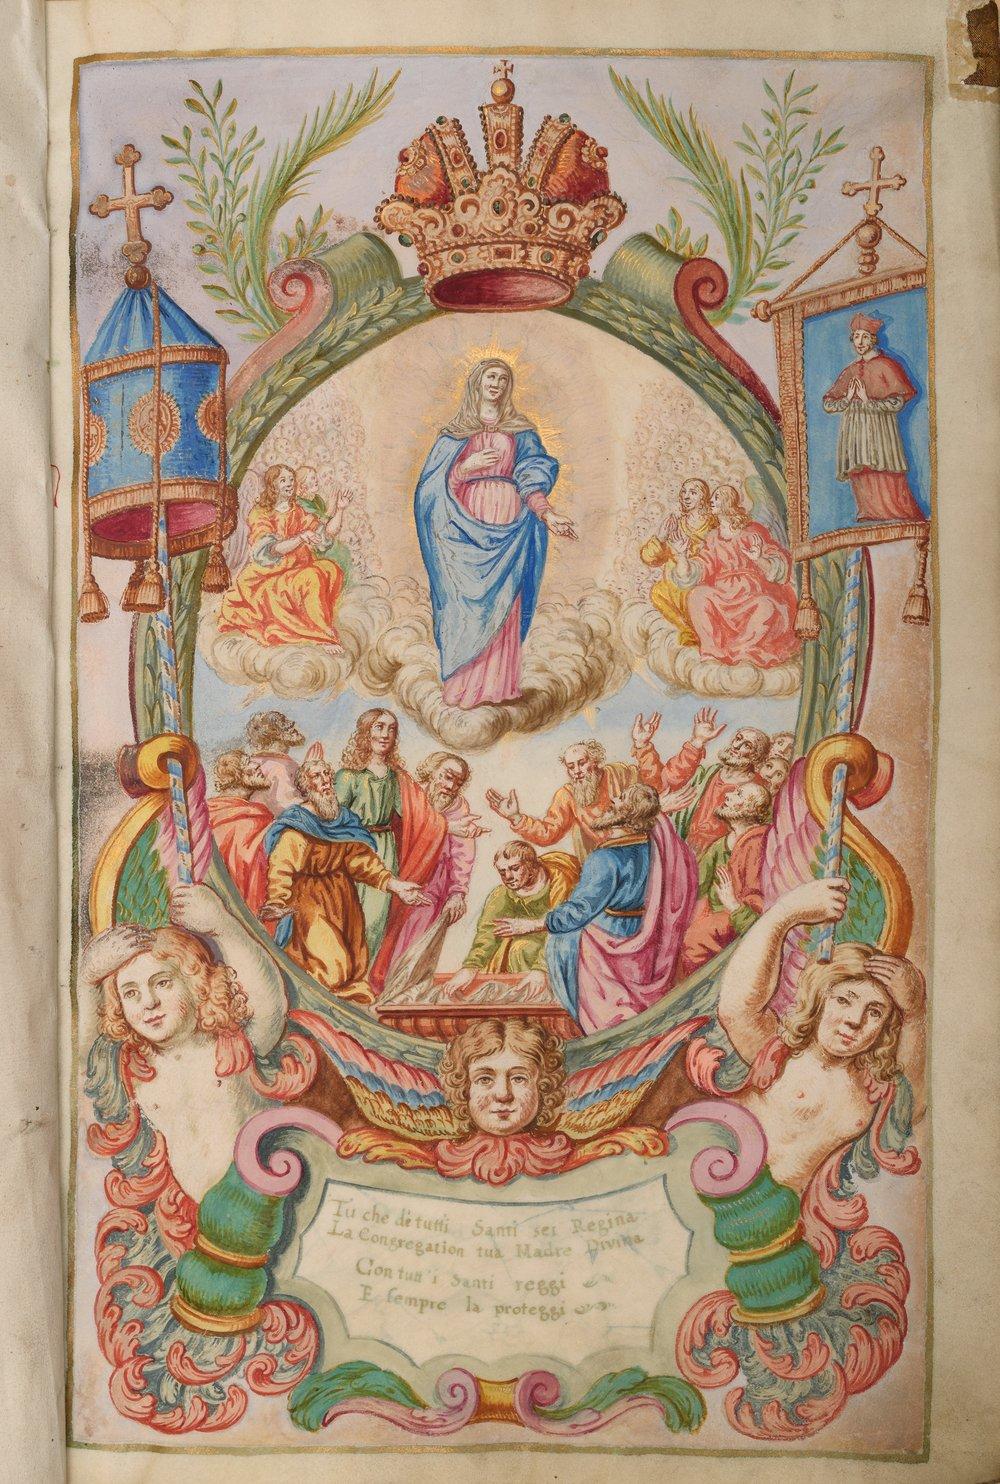 Libro dei membri con miniatura dell'Assunzione